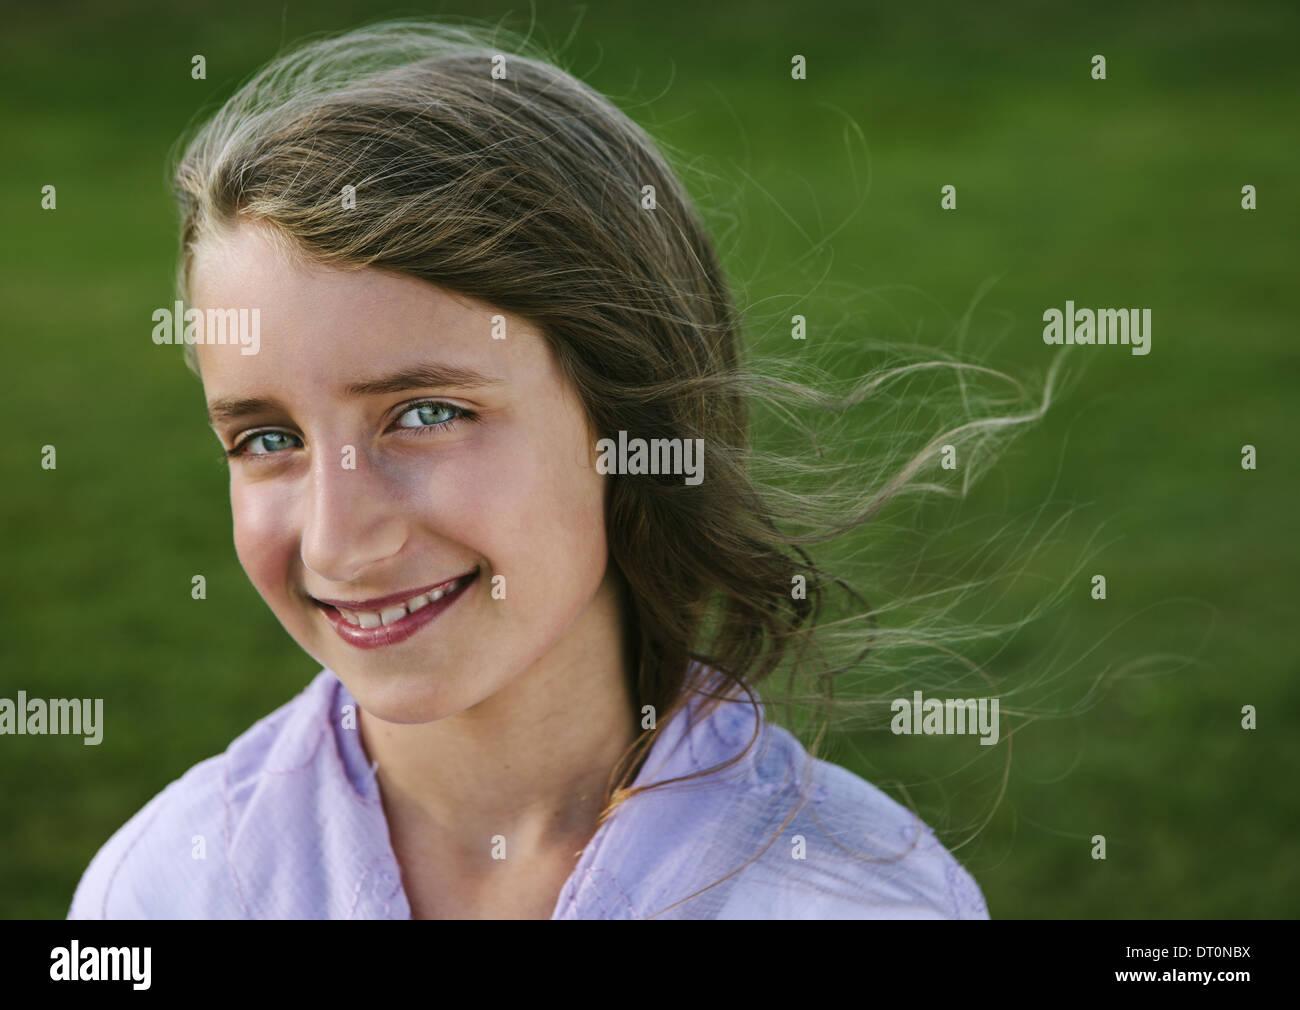 Seattle Washington USA Portrait of smiling nine year old girl - Stock Image